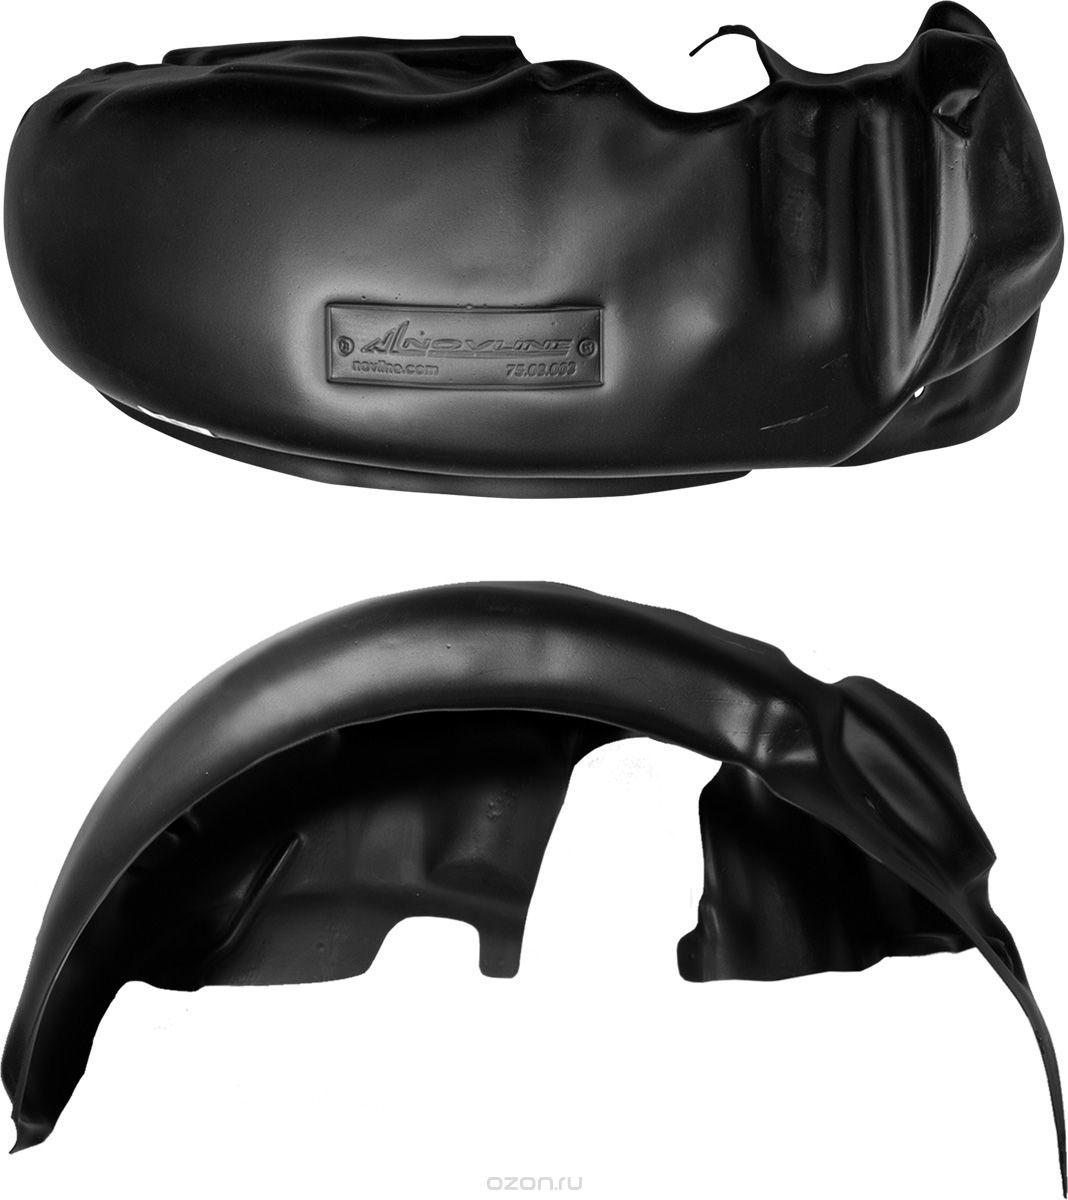 Подкрылок Novline-Autofamily, для Brilliance H530, 06/2014->, передний левыйNLL.95.03.001Идеальная защита колесной ниши. Локеры разработаны с применением цифровых технологий, гарантируют максимальную повторяемость поверхности арки. Изделия устанавливаются без нарушения лакокрасочного покрытия автомобиля, каждый подкрылок комплектуется крепежом. Уважаемые клиенты, обращаем ваше внимание, что фотографии на подкрылки универсальные и не отражают реальную форму изделия. При этом само изделие идет точно под размер указанного автомобиля.